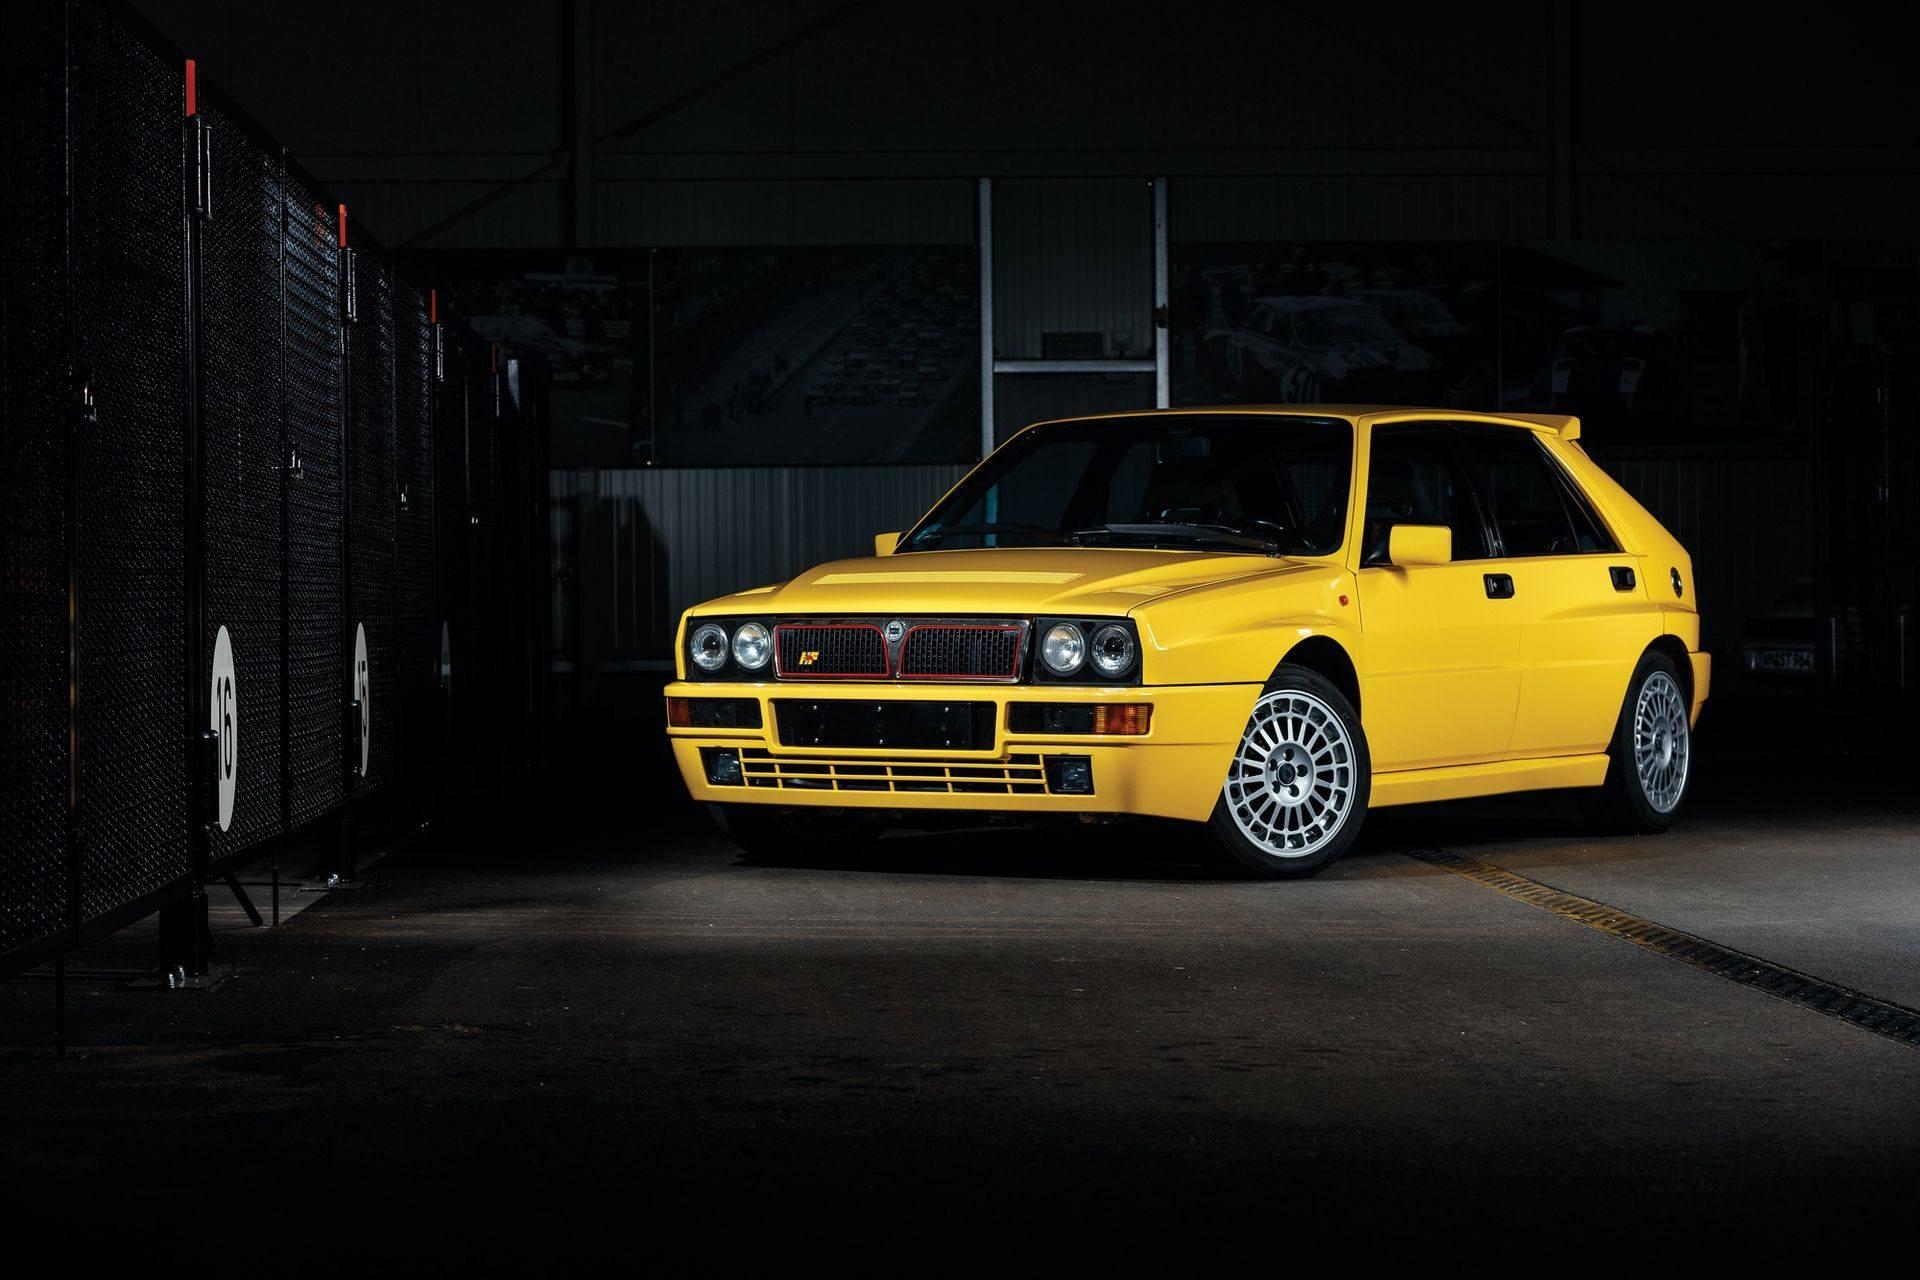 1993-Lancia-Delta-HF-Integrale-Evoluzione-II-_0